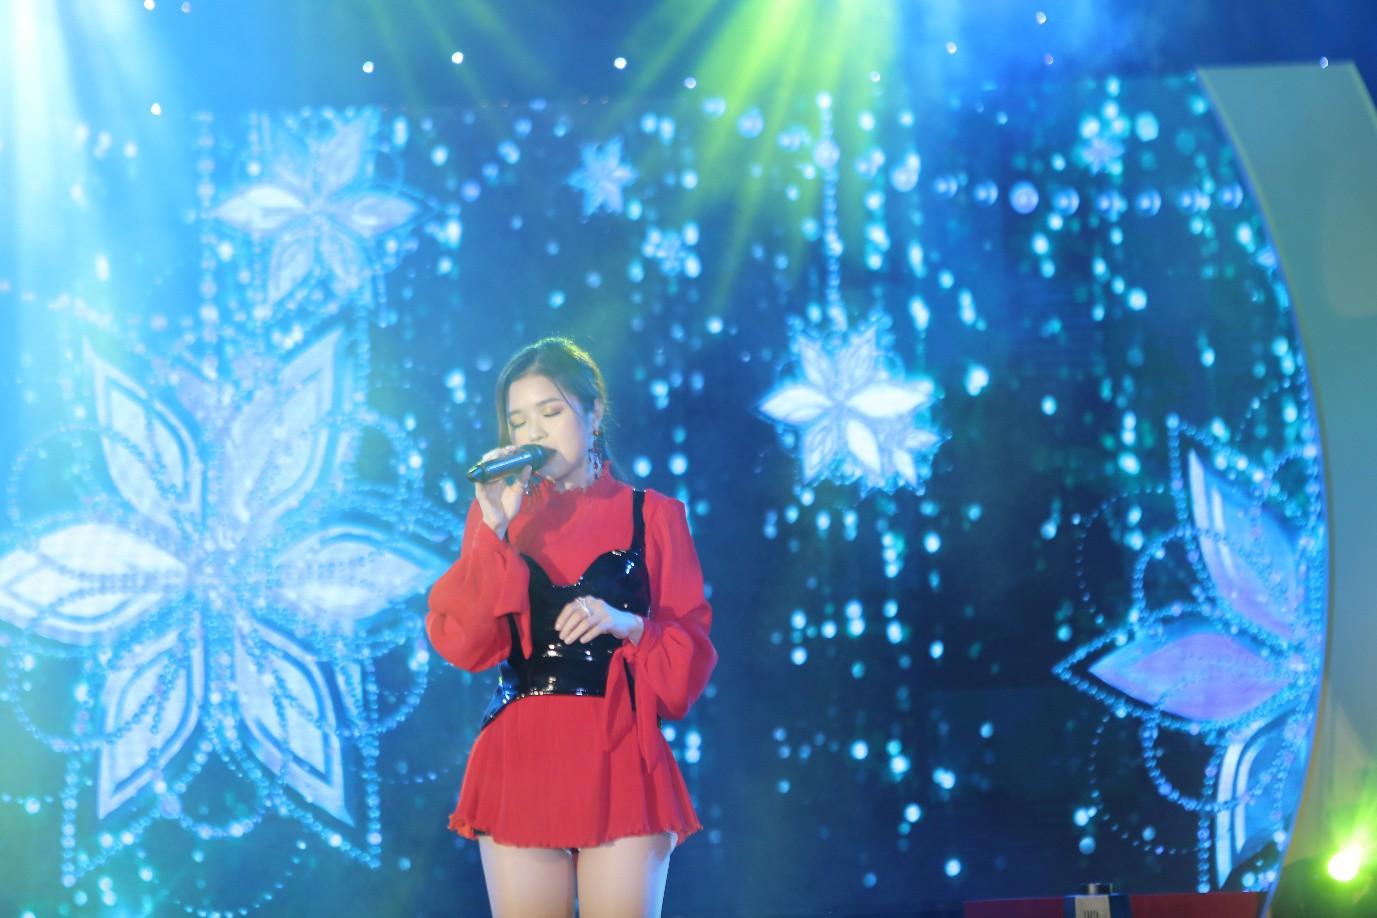 Phương Ly - JustaTee mặc đồ đôi song ca, AMEE đem hit mới lên sân khấu - Ảnh 6.